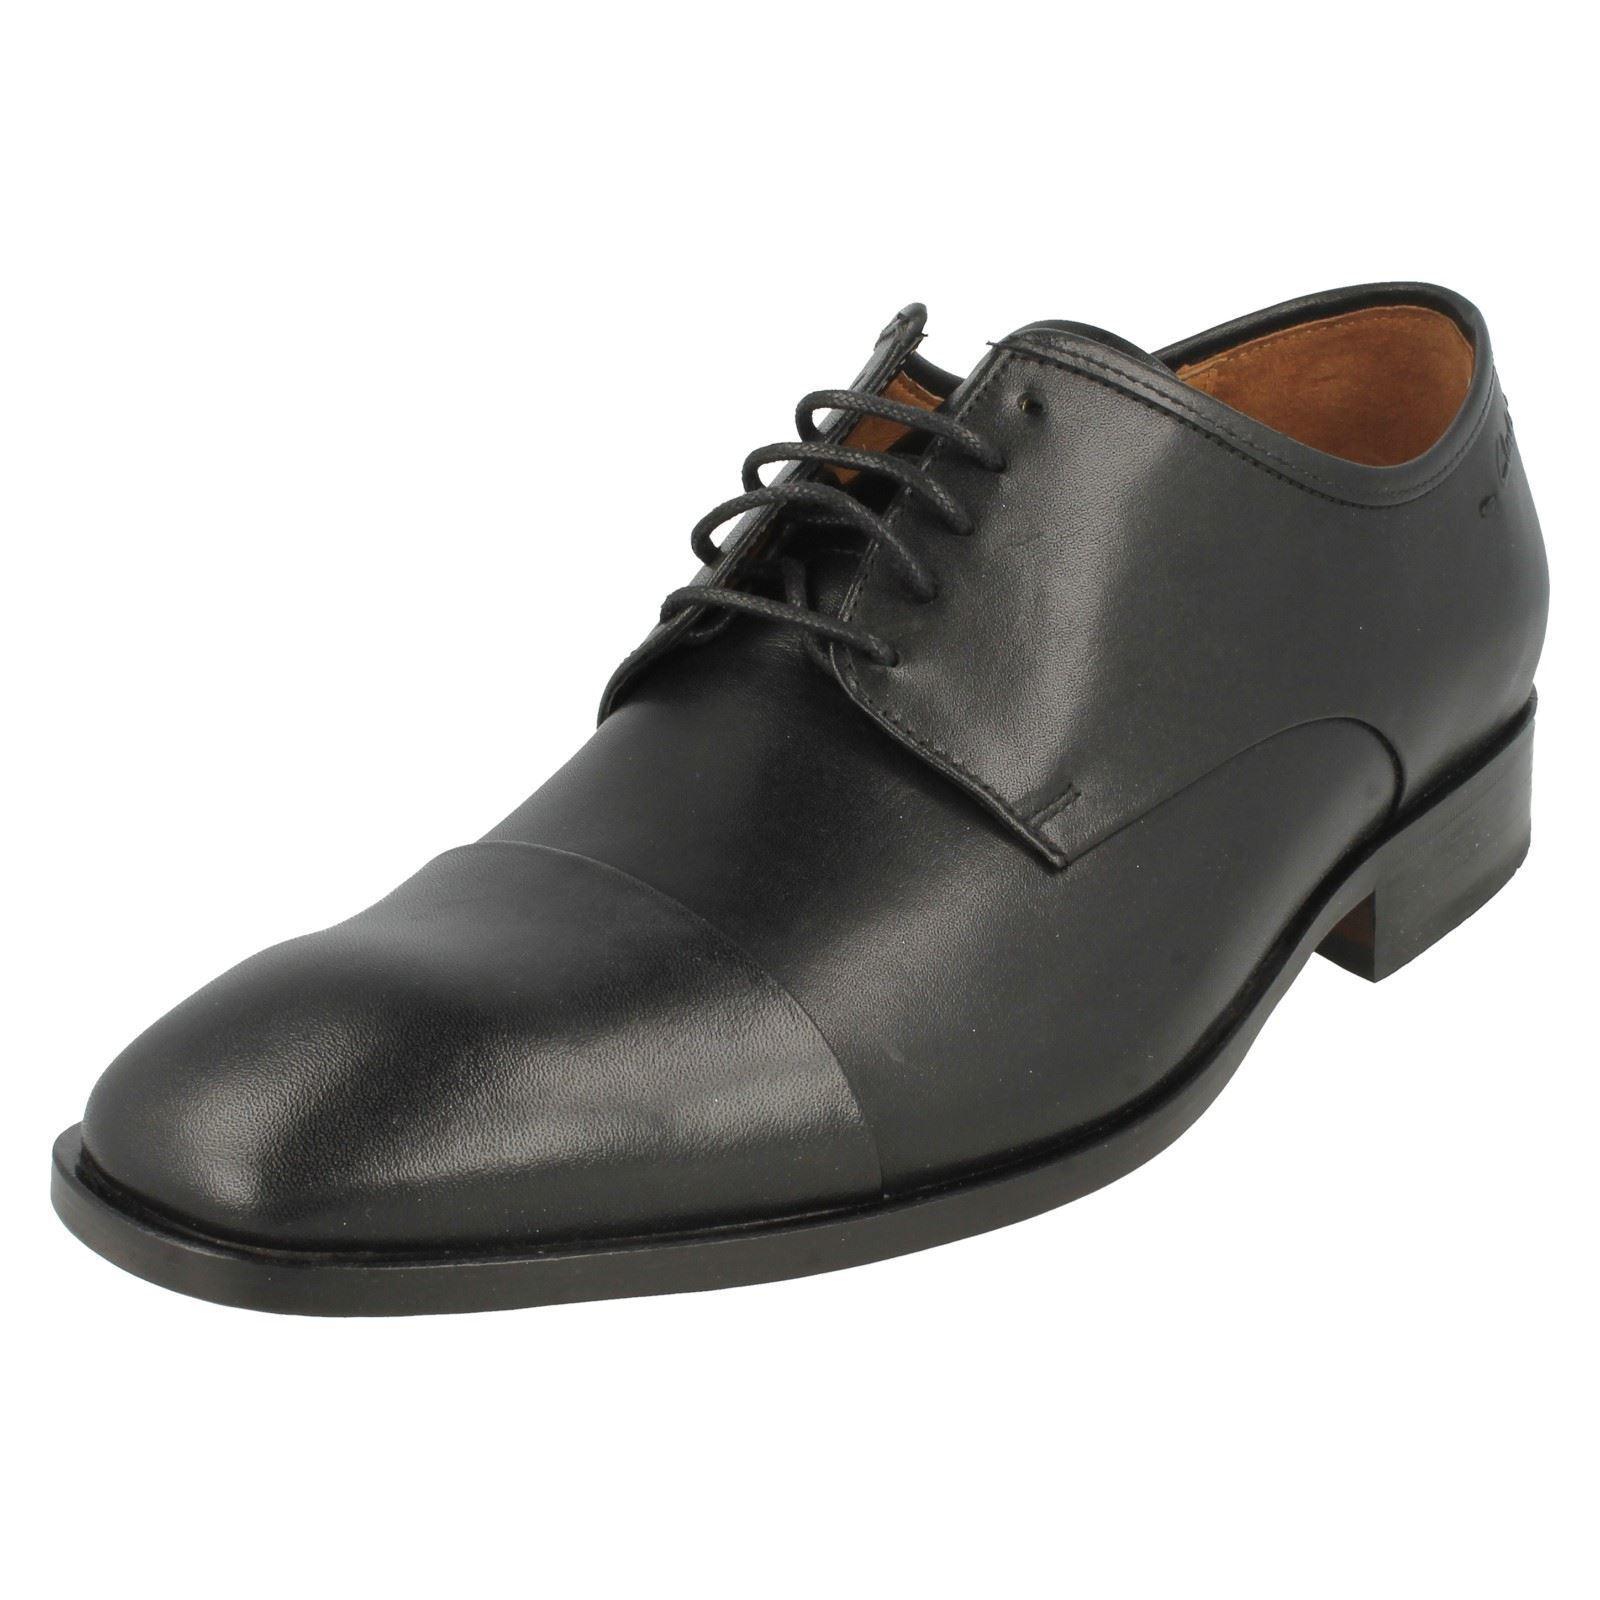 Clarks Zapatos para Hombre con Cordones Formal Dexie Cap